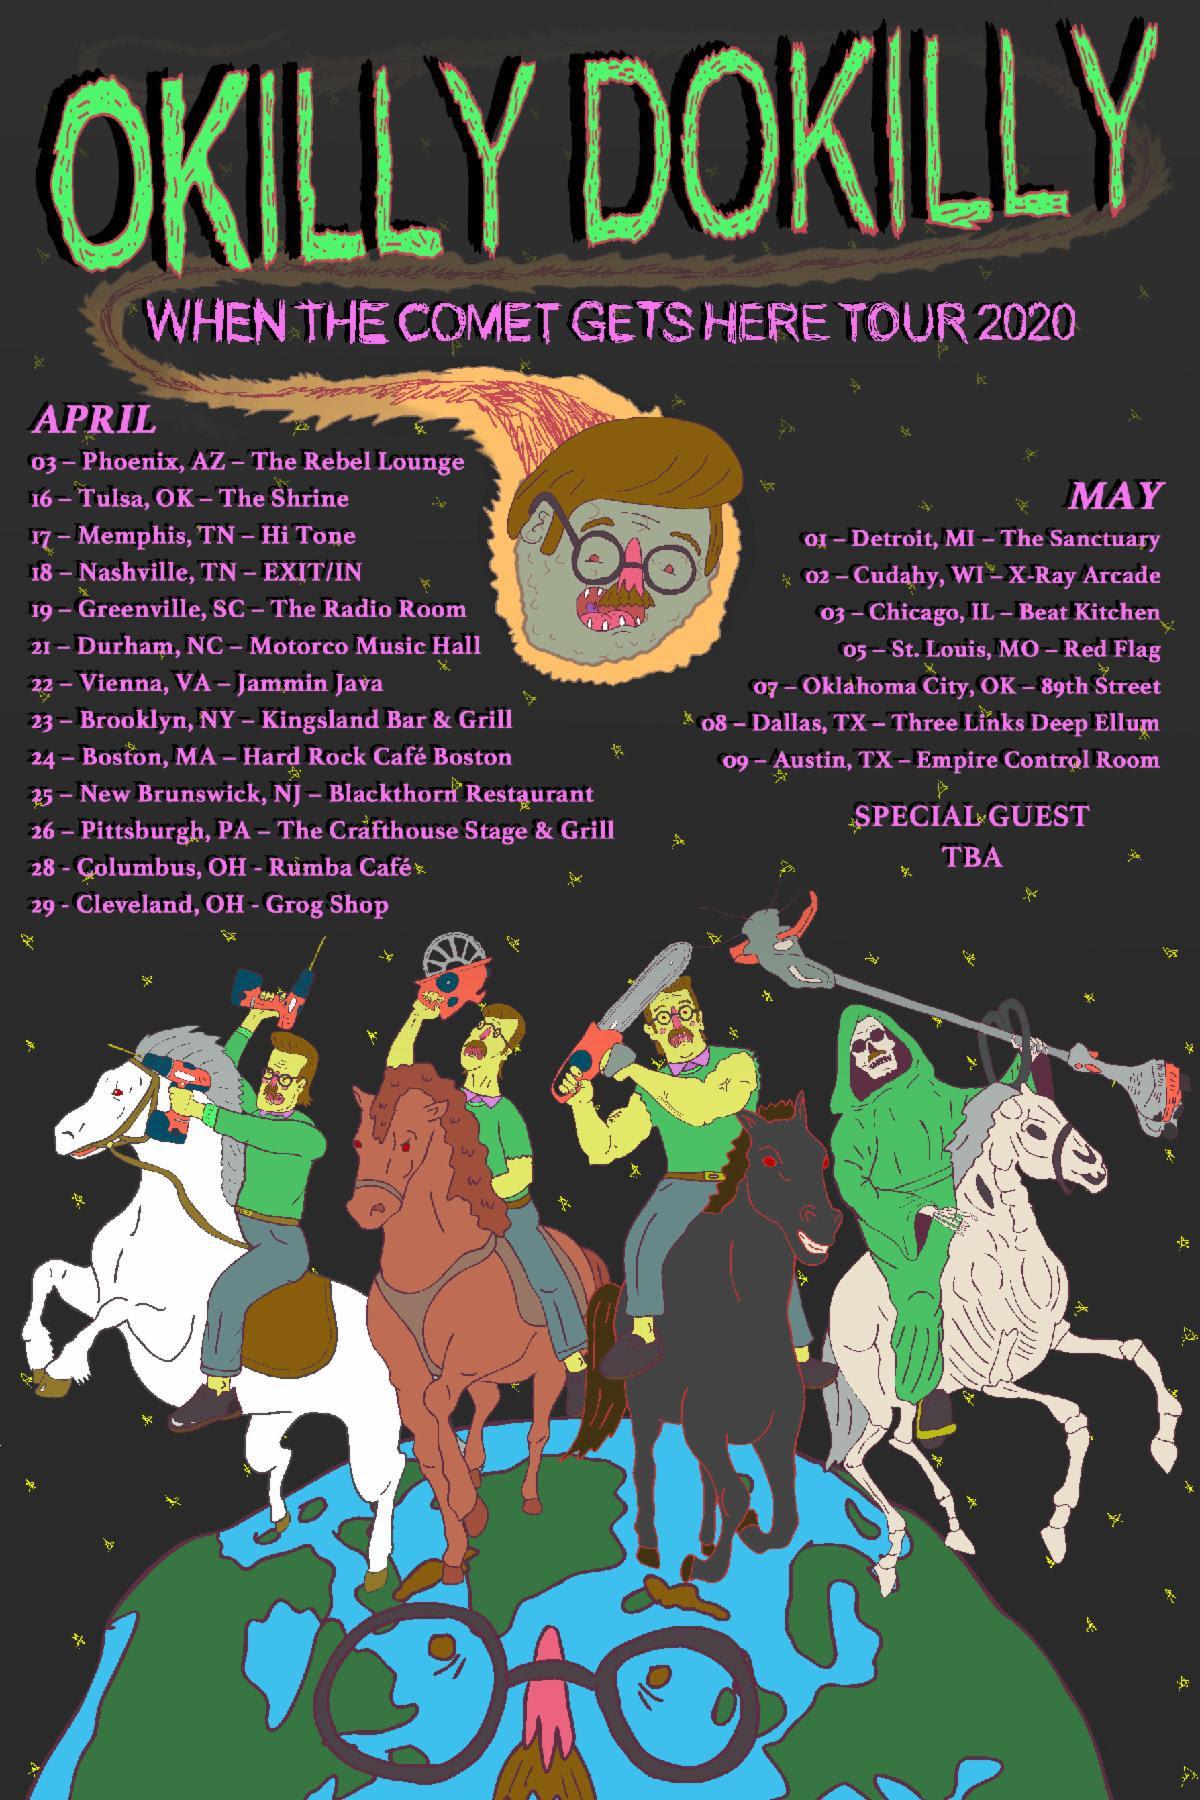 Okilly Dokilly Tour poster